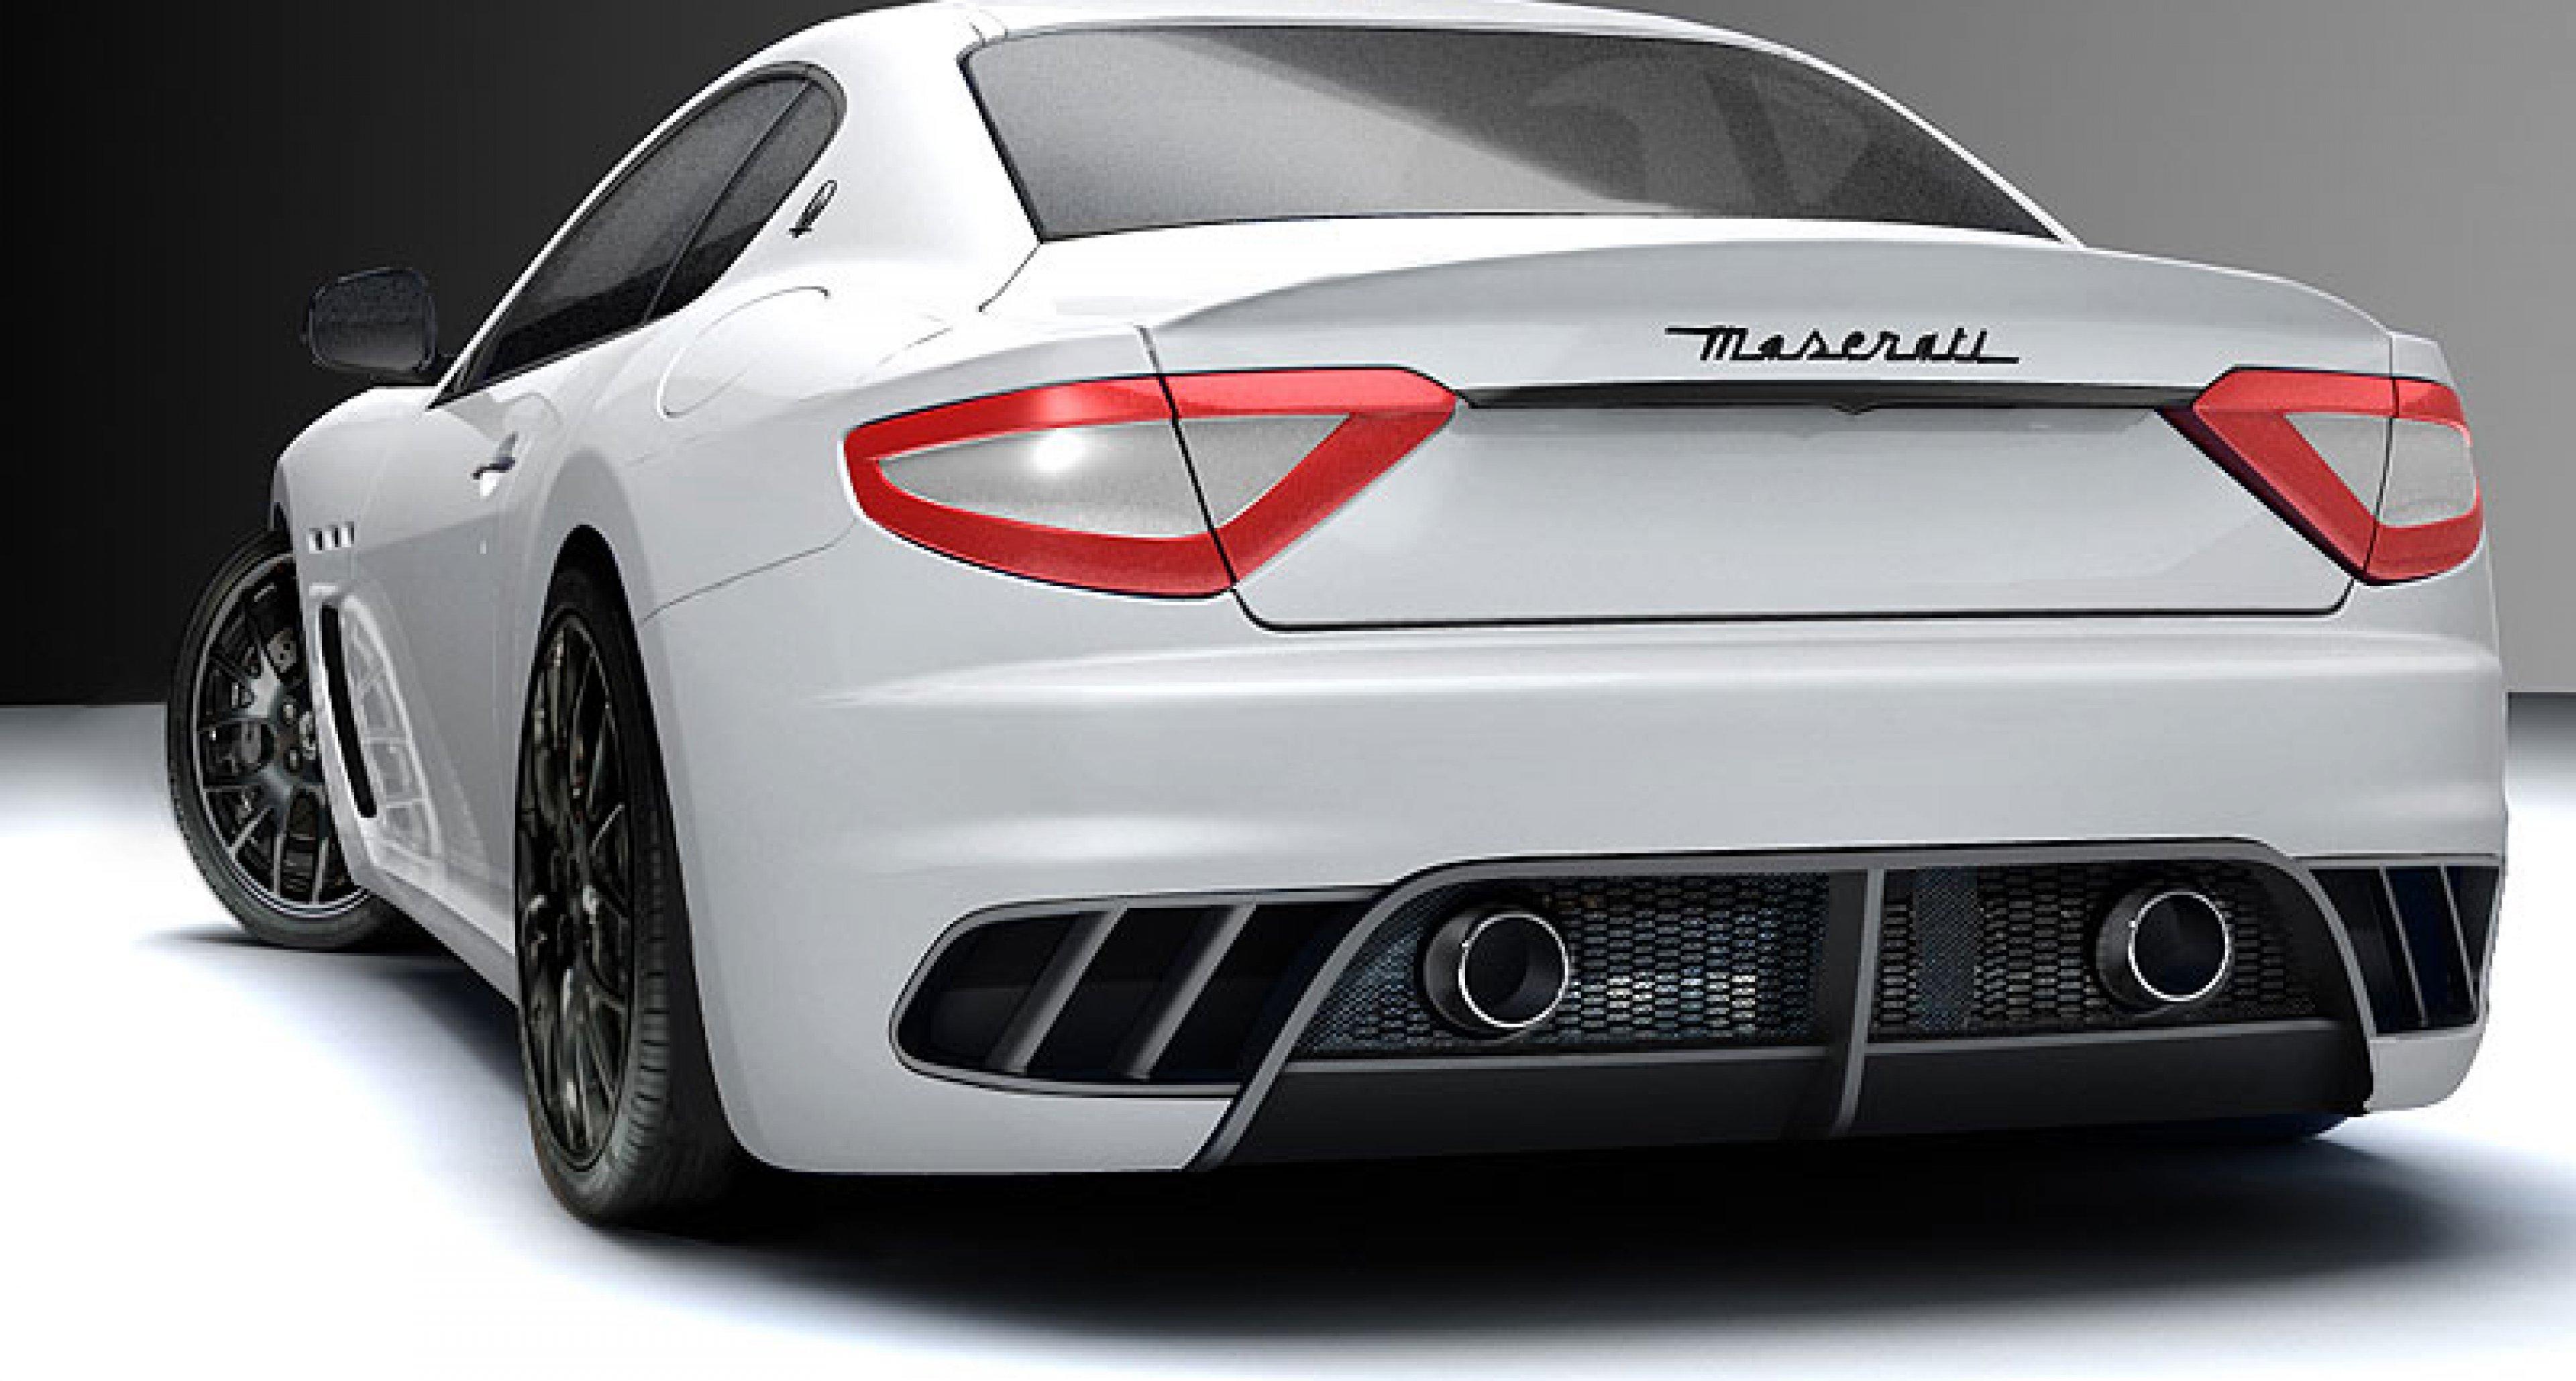 Maserati GranTurismo MC Concept: Rennsportvision